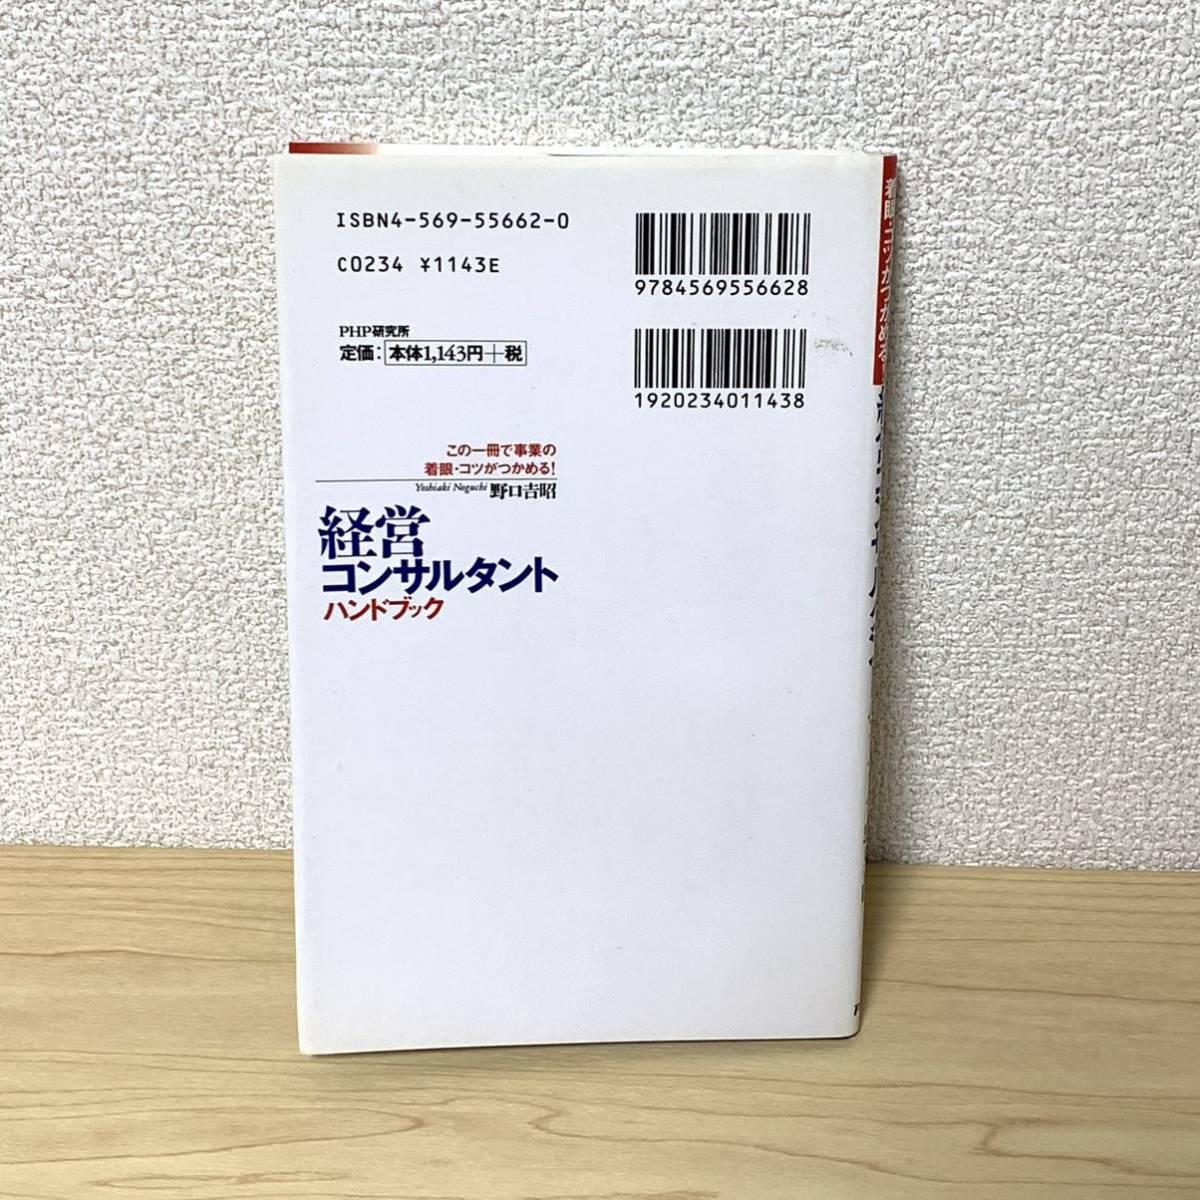 経営コンサルタントハンドブック : この一冊で事業の着眼・コツがつかめる!